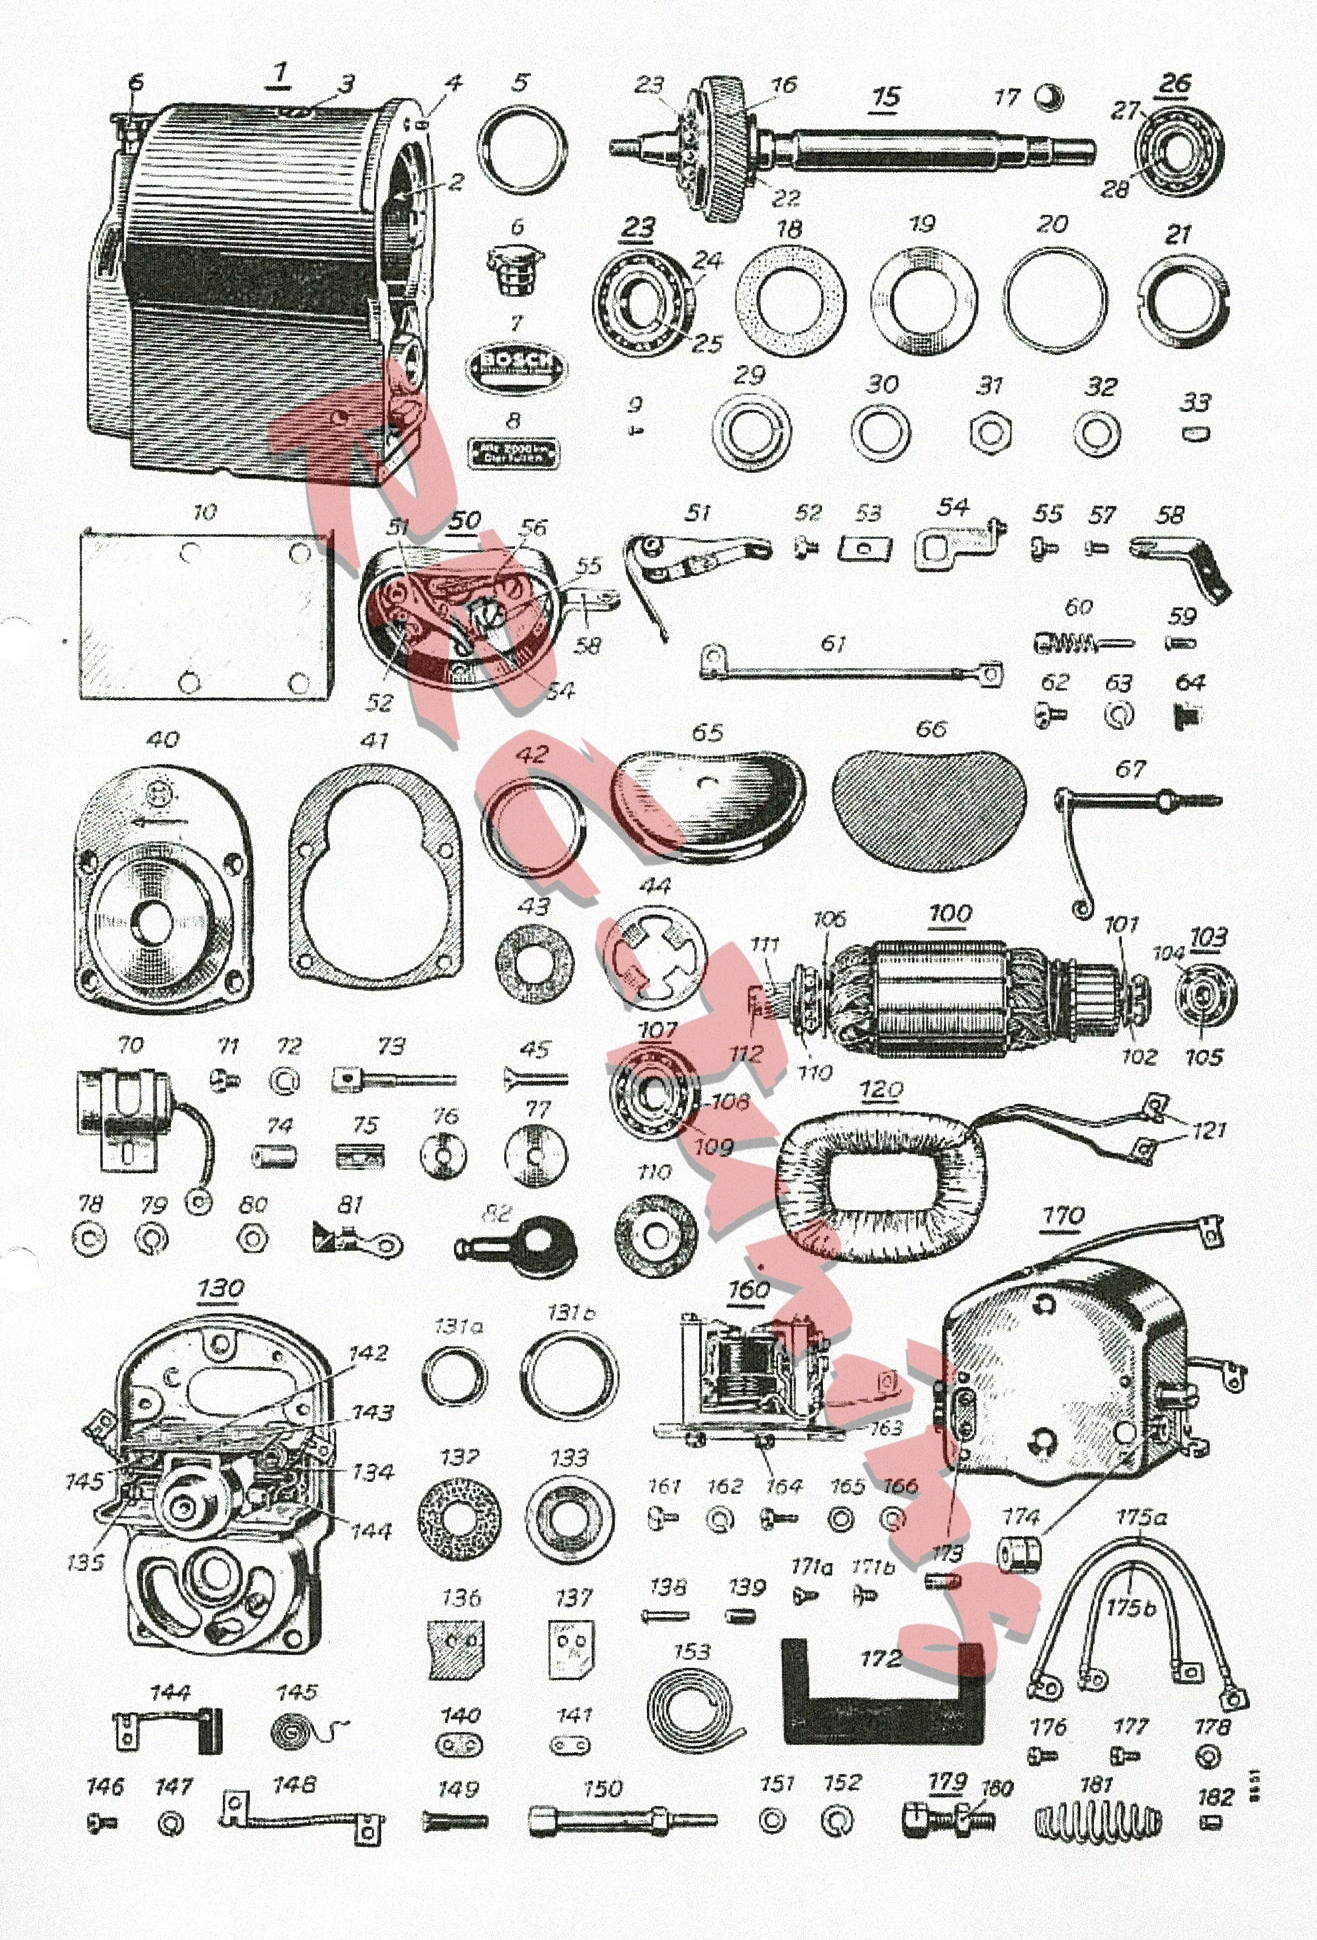 Batteriezuender_TeileB145_B245